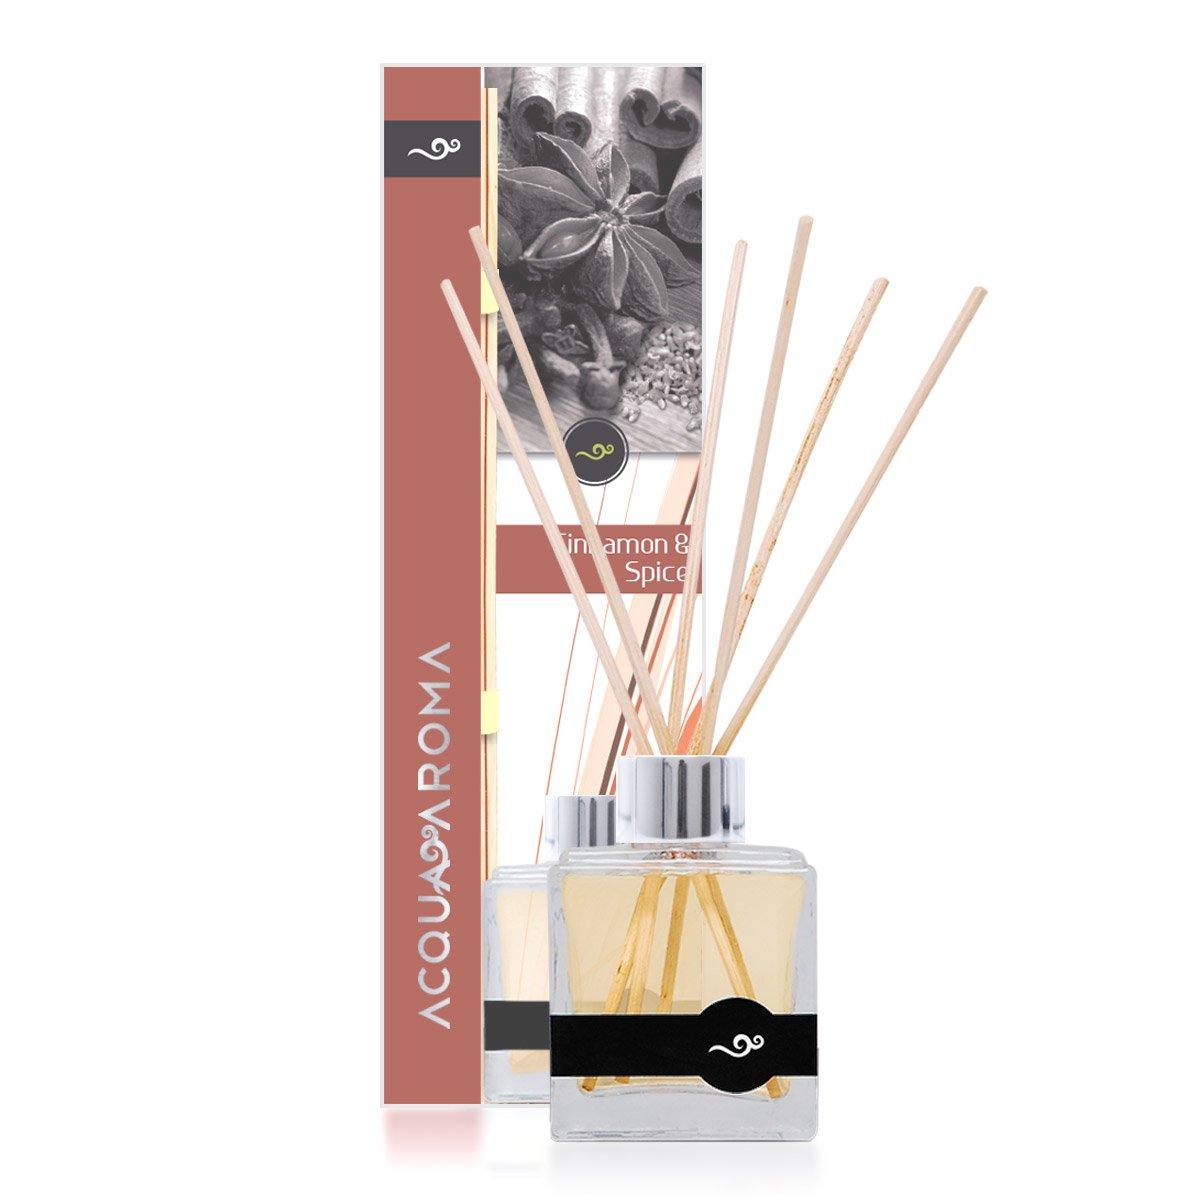 Acqua Aroma Cinnamon & Spice Reed Diffuser 3.4 FL OZ (100ml) by Acqua Aroma